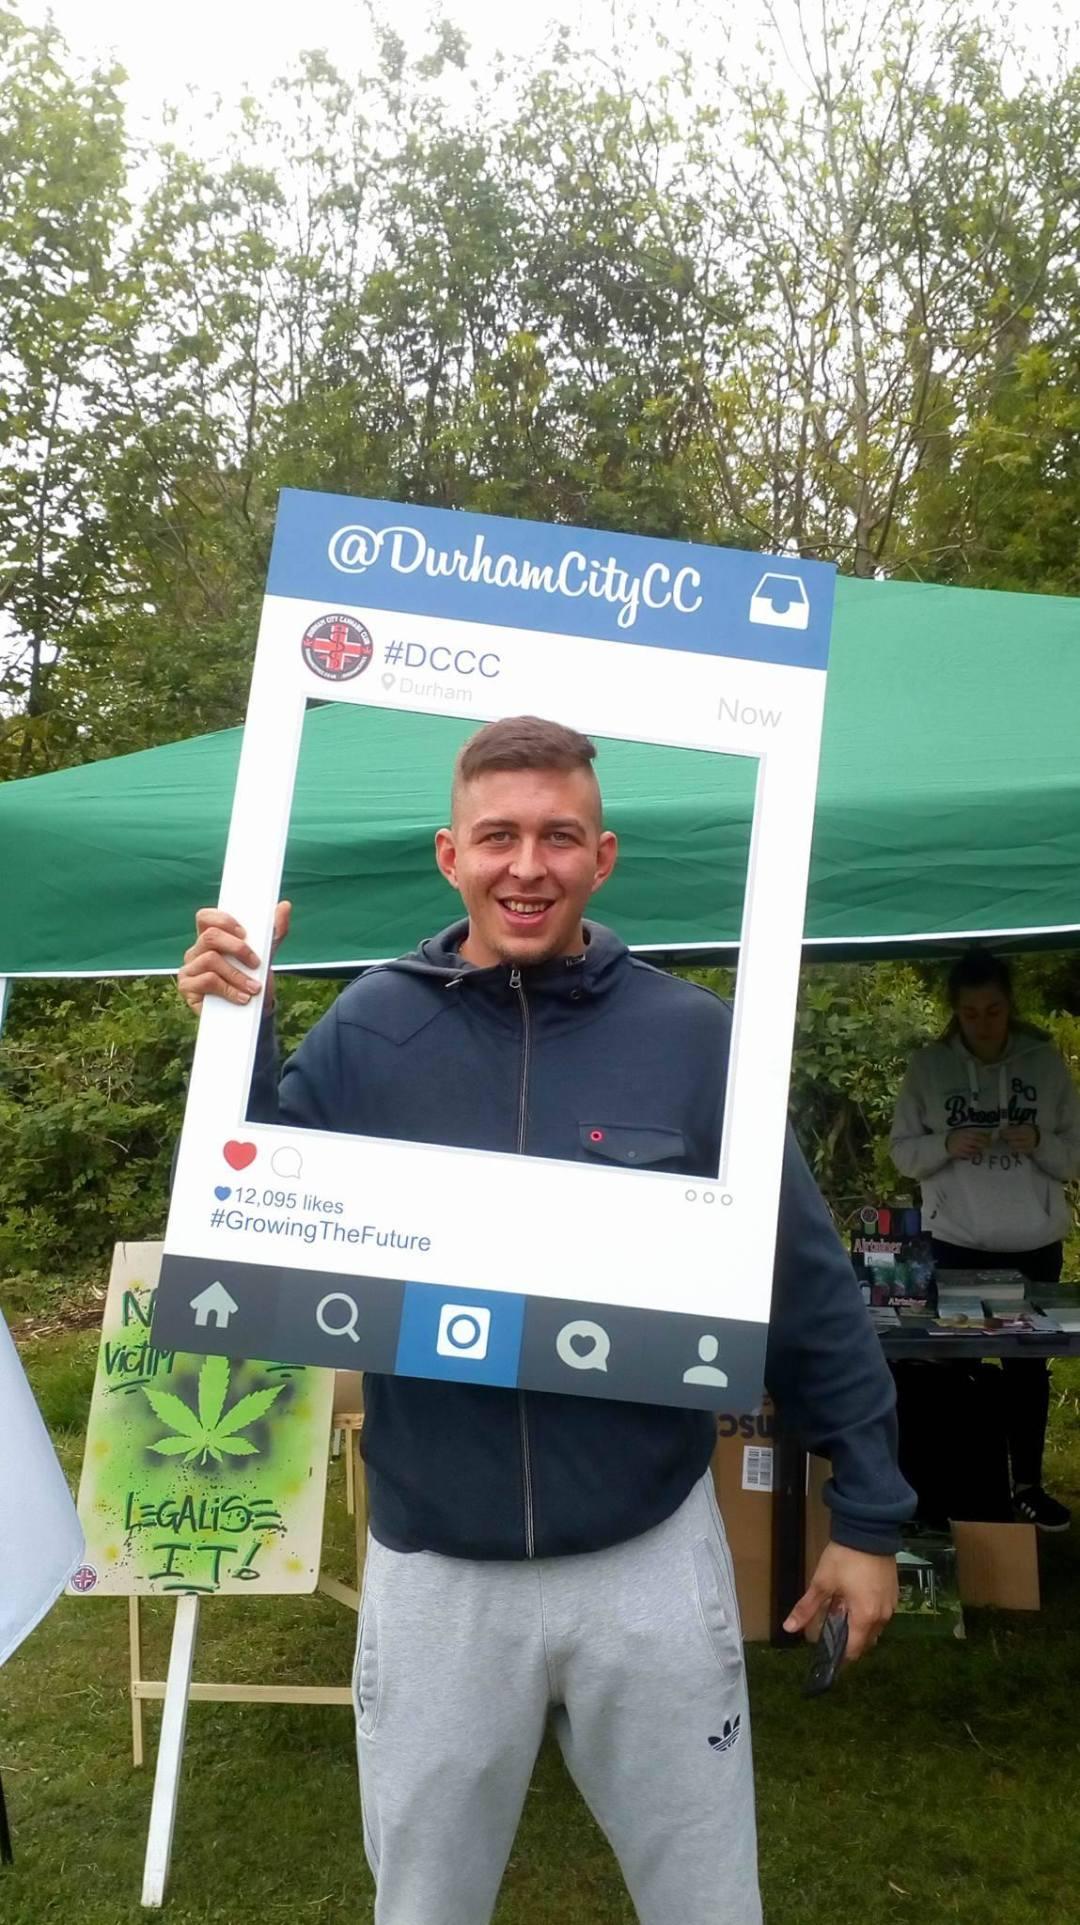 , Durham City Cannabis Club Springtime Session Event 2017, ISMOKE